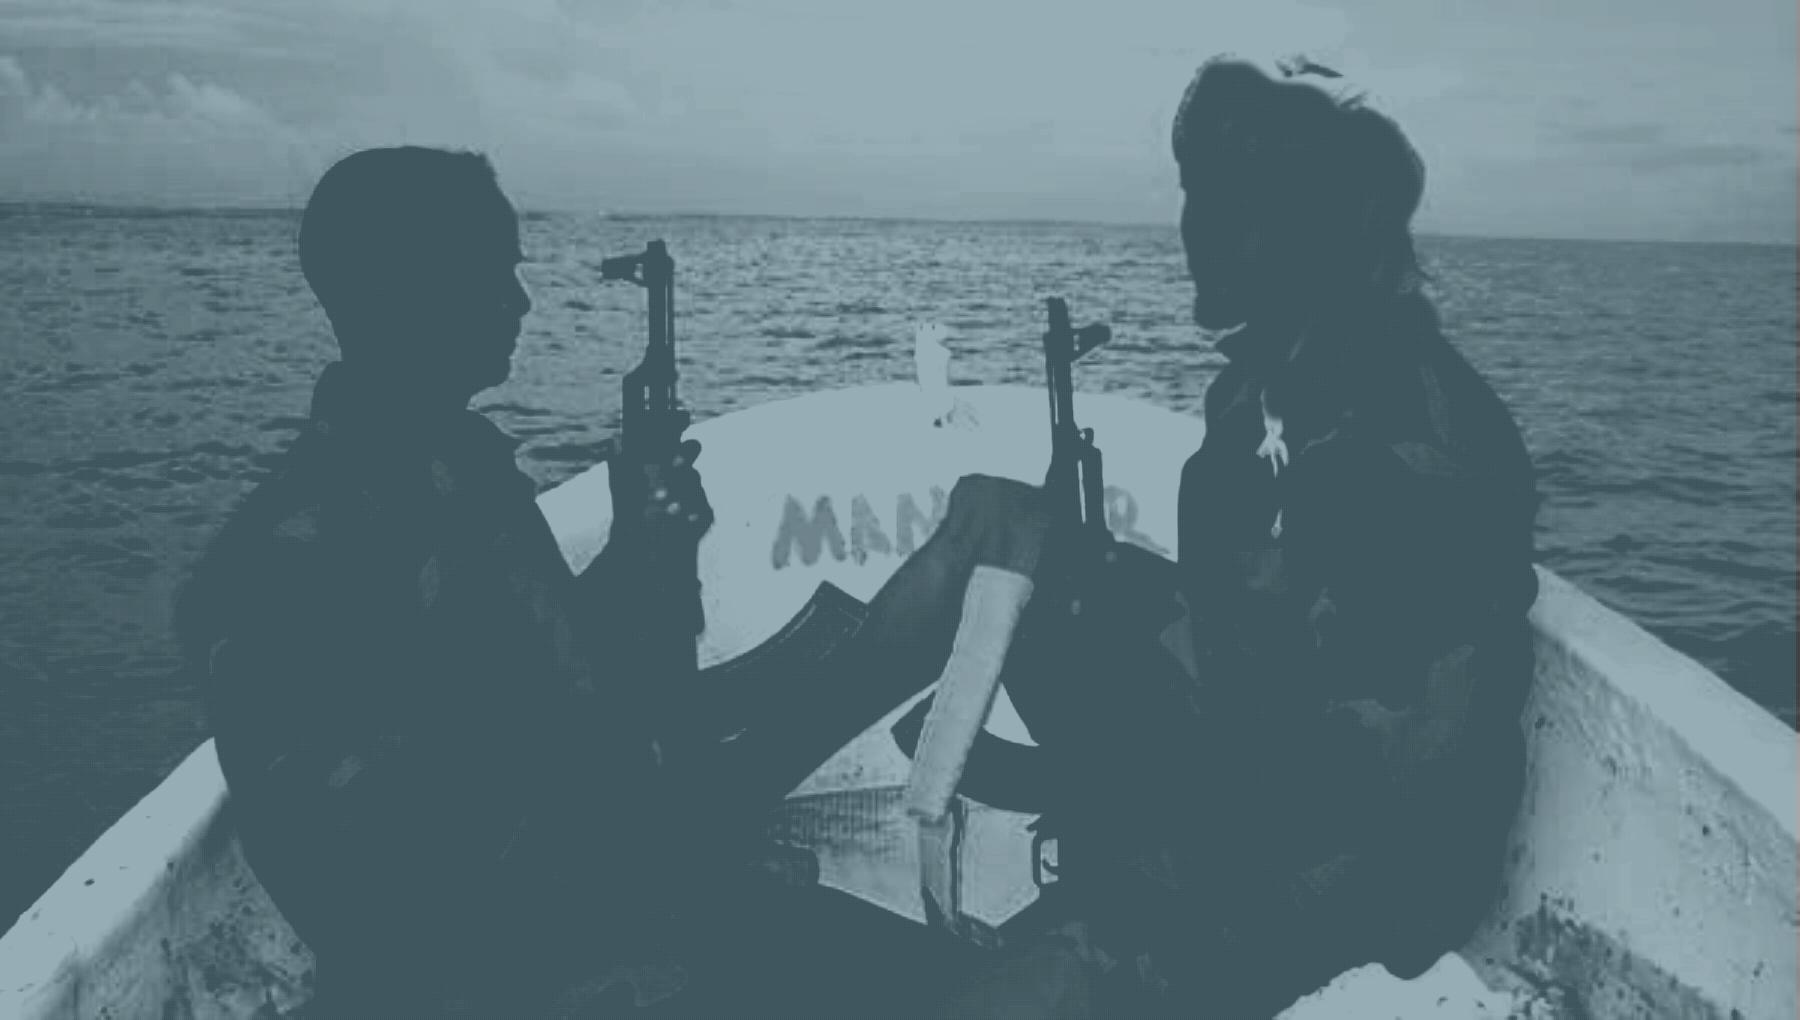 historias/valle-del-cauca/los-piratas-que-acechan-el-pacifico-colombiano